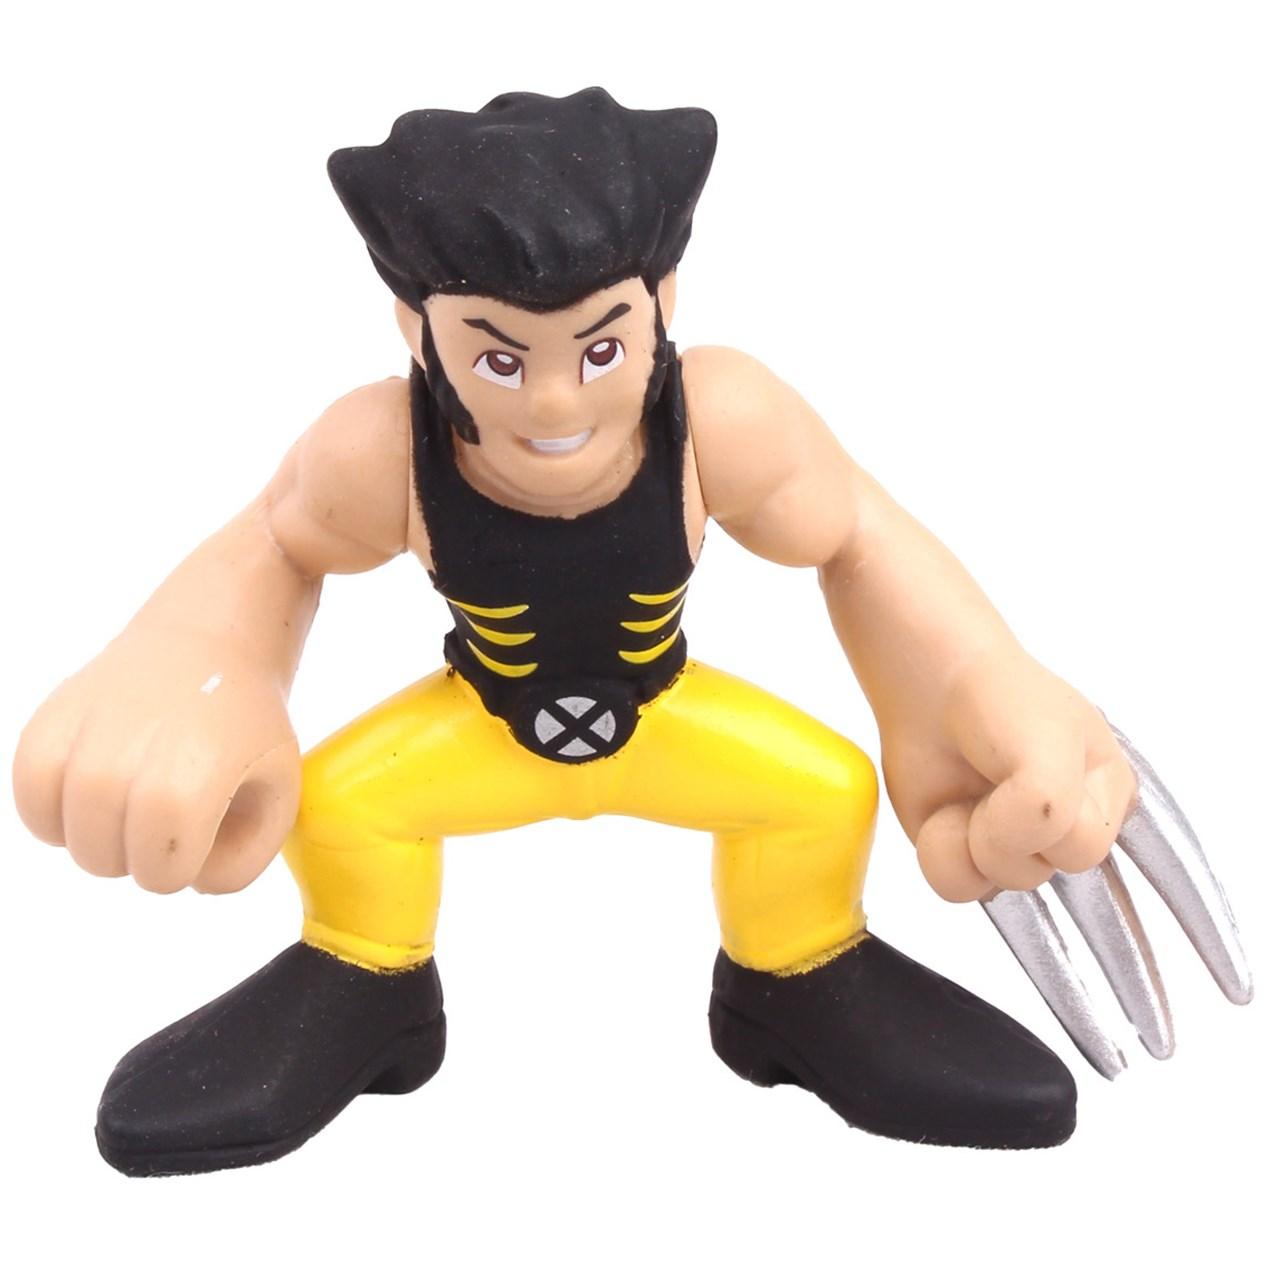 مینی فیگور شخصیت  مارول مدل X Man